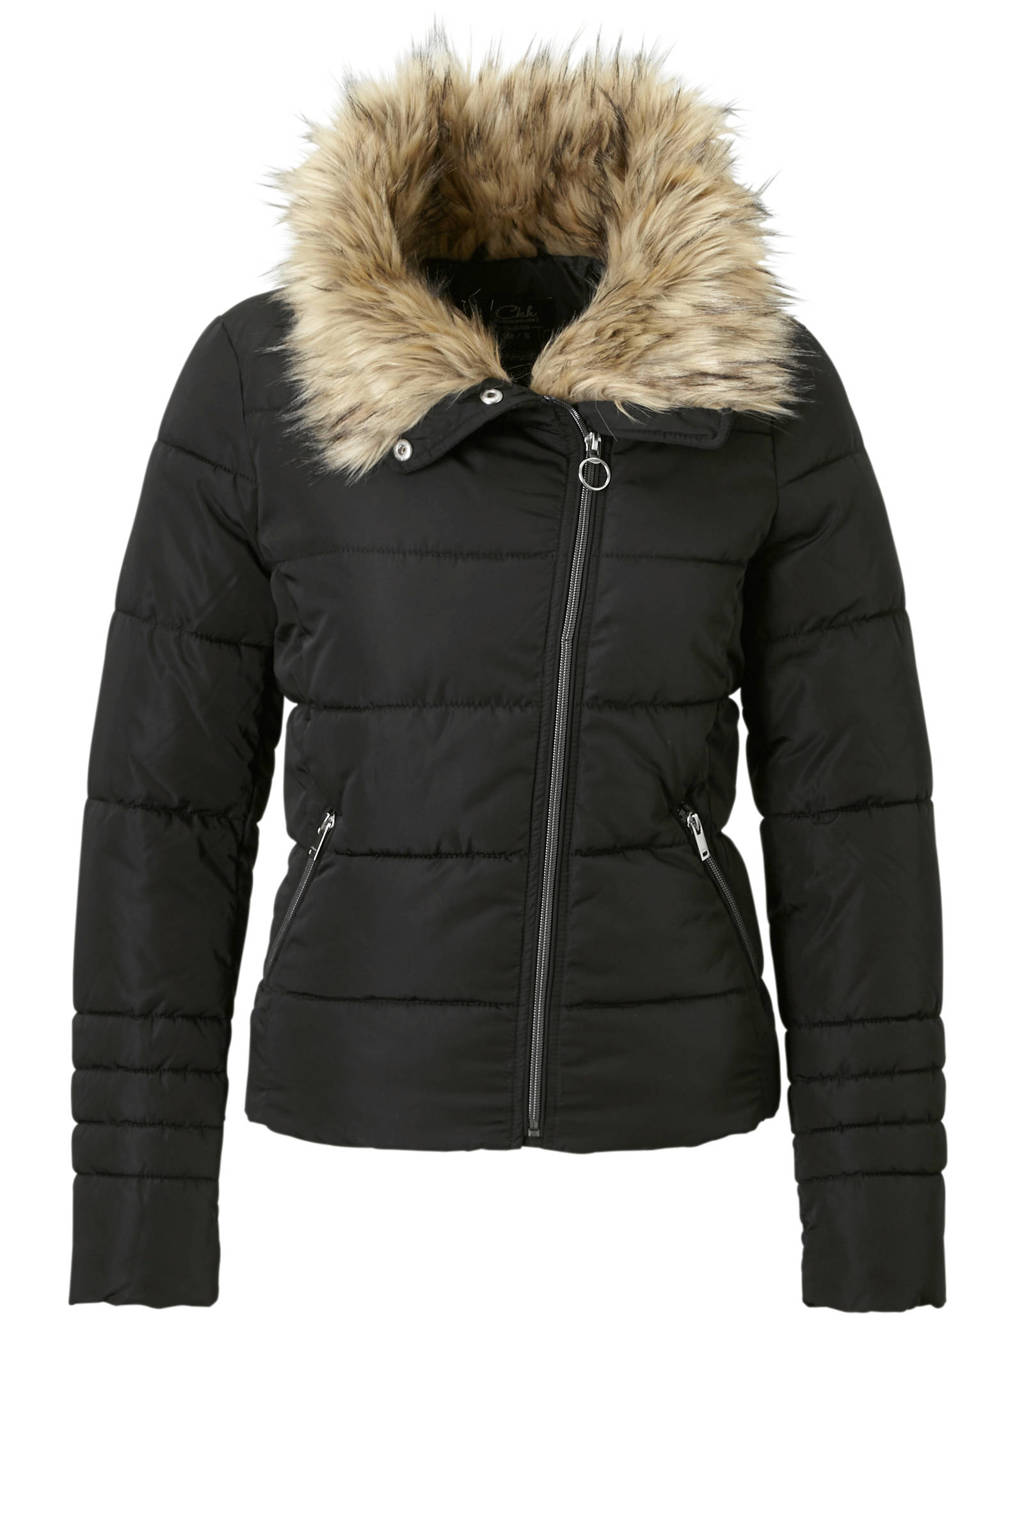 C&A Clockhouse jas met bontkraag zwart, Zwart